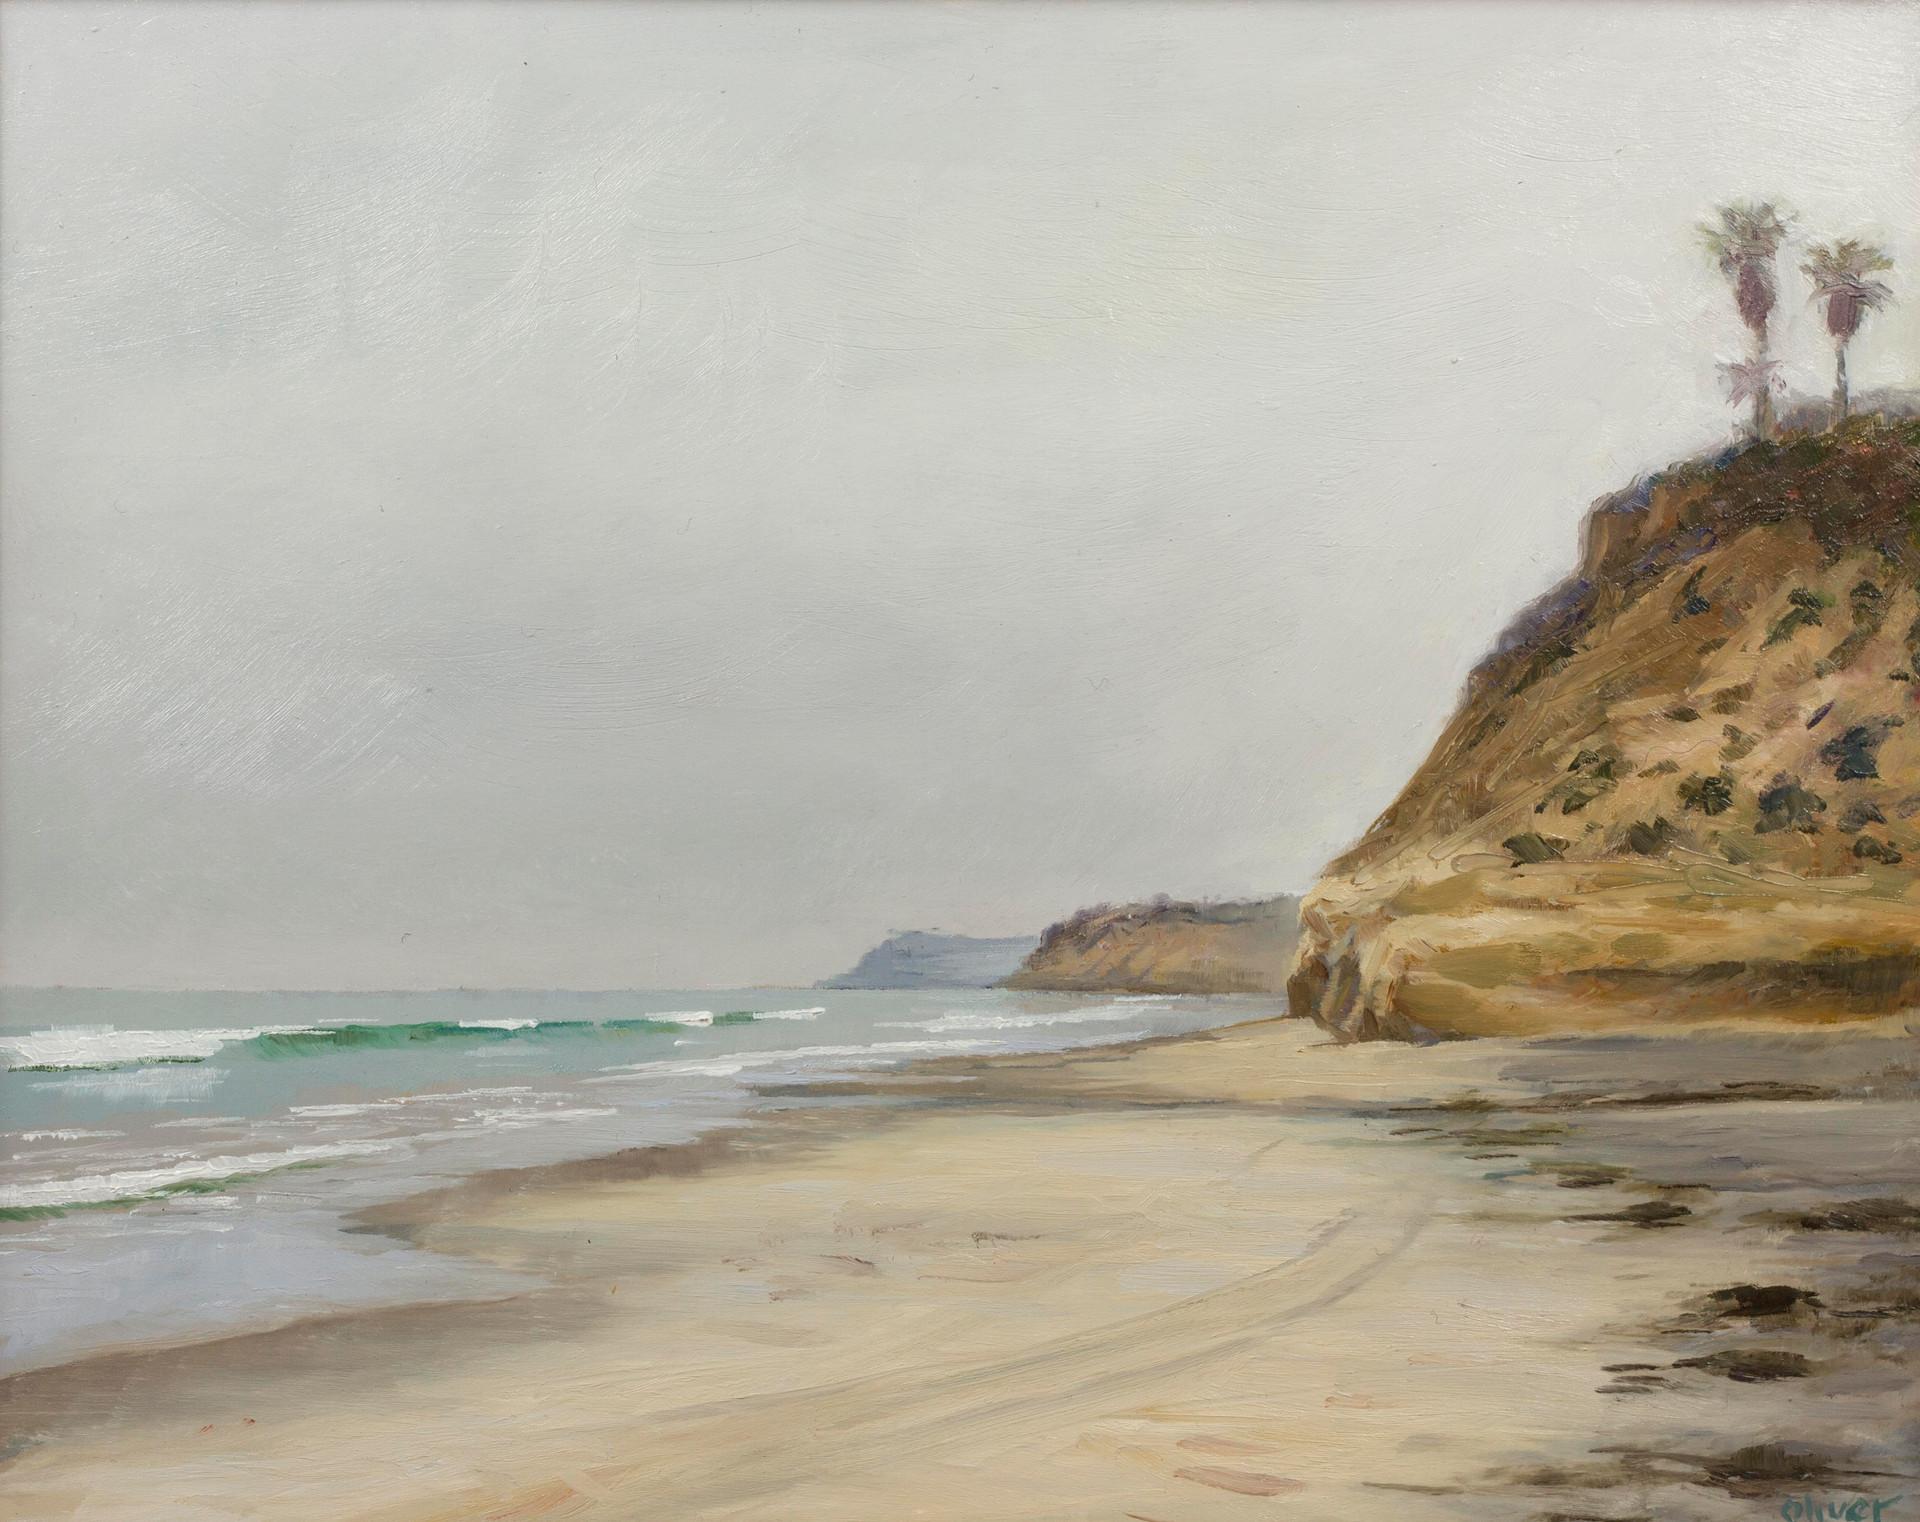 Solana Beach early morning